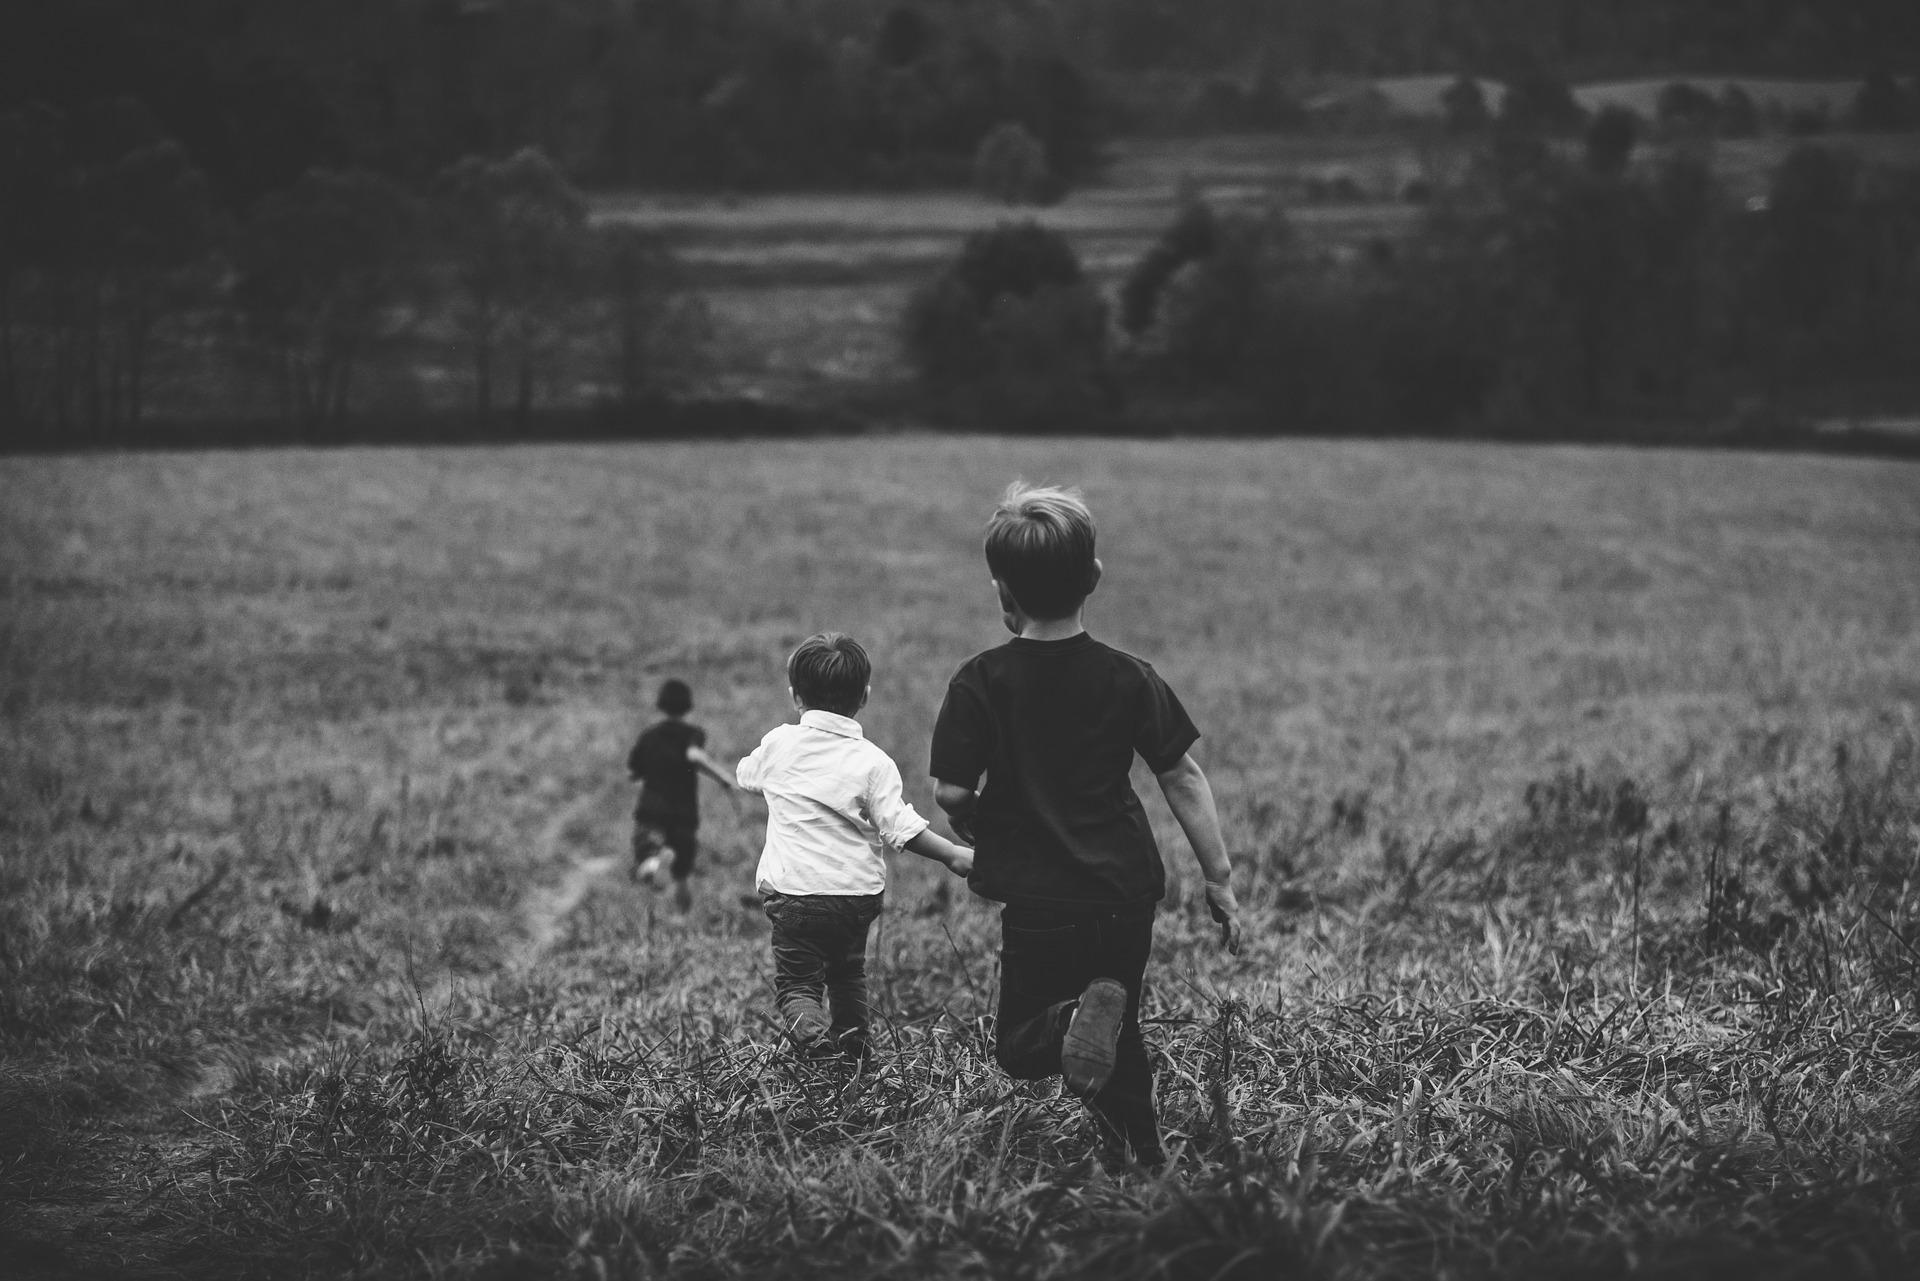 boys 1149665 19201 - ¿Cómo hacer que los niños sean más espontáneos y más creativos?